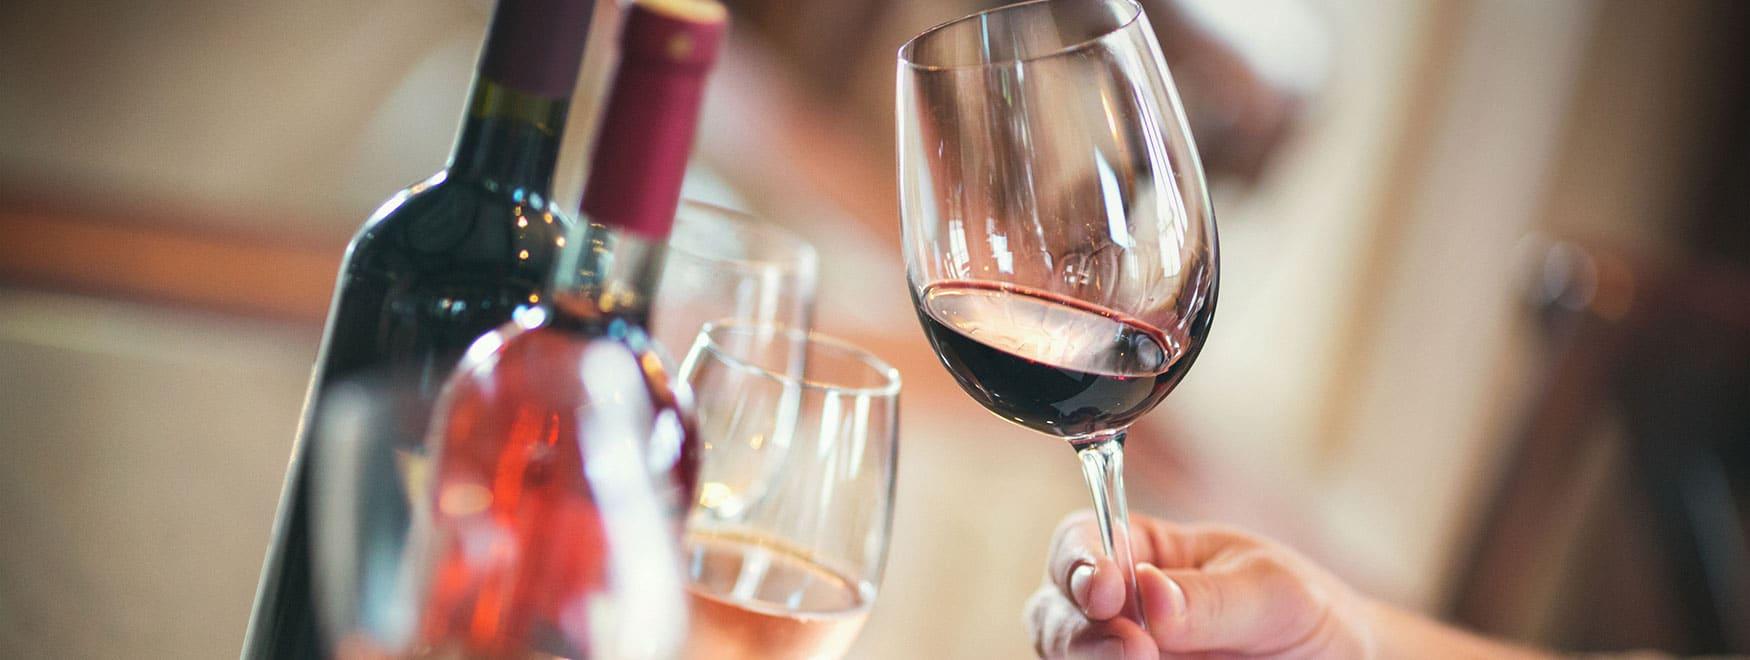 Weinkurs: Entdecken und Verkosten Sie tolle französische Weine